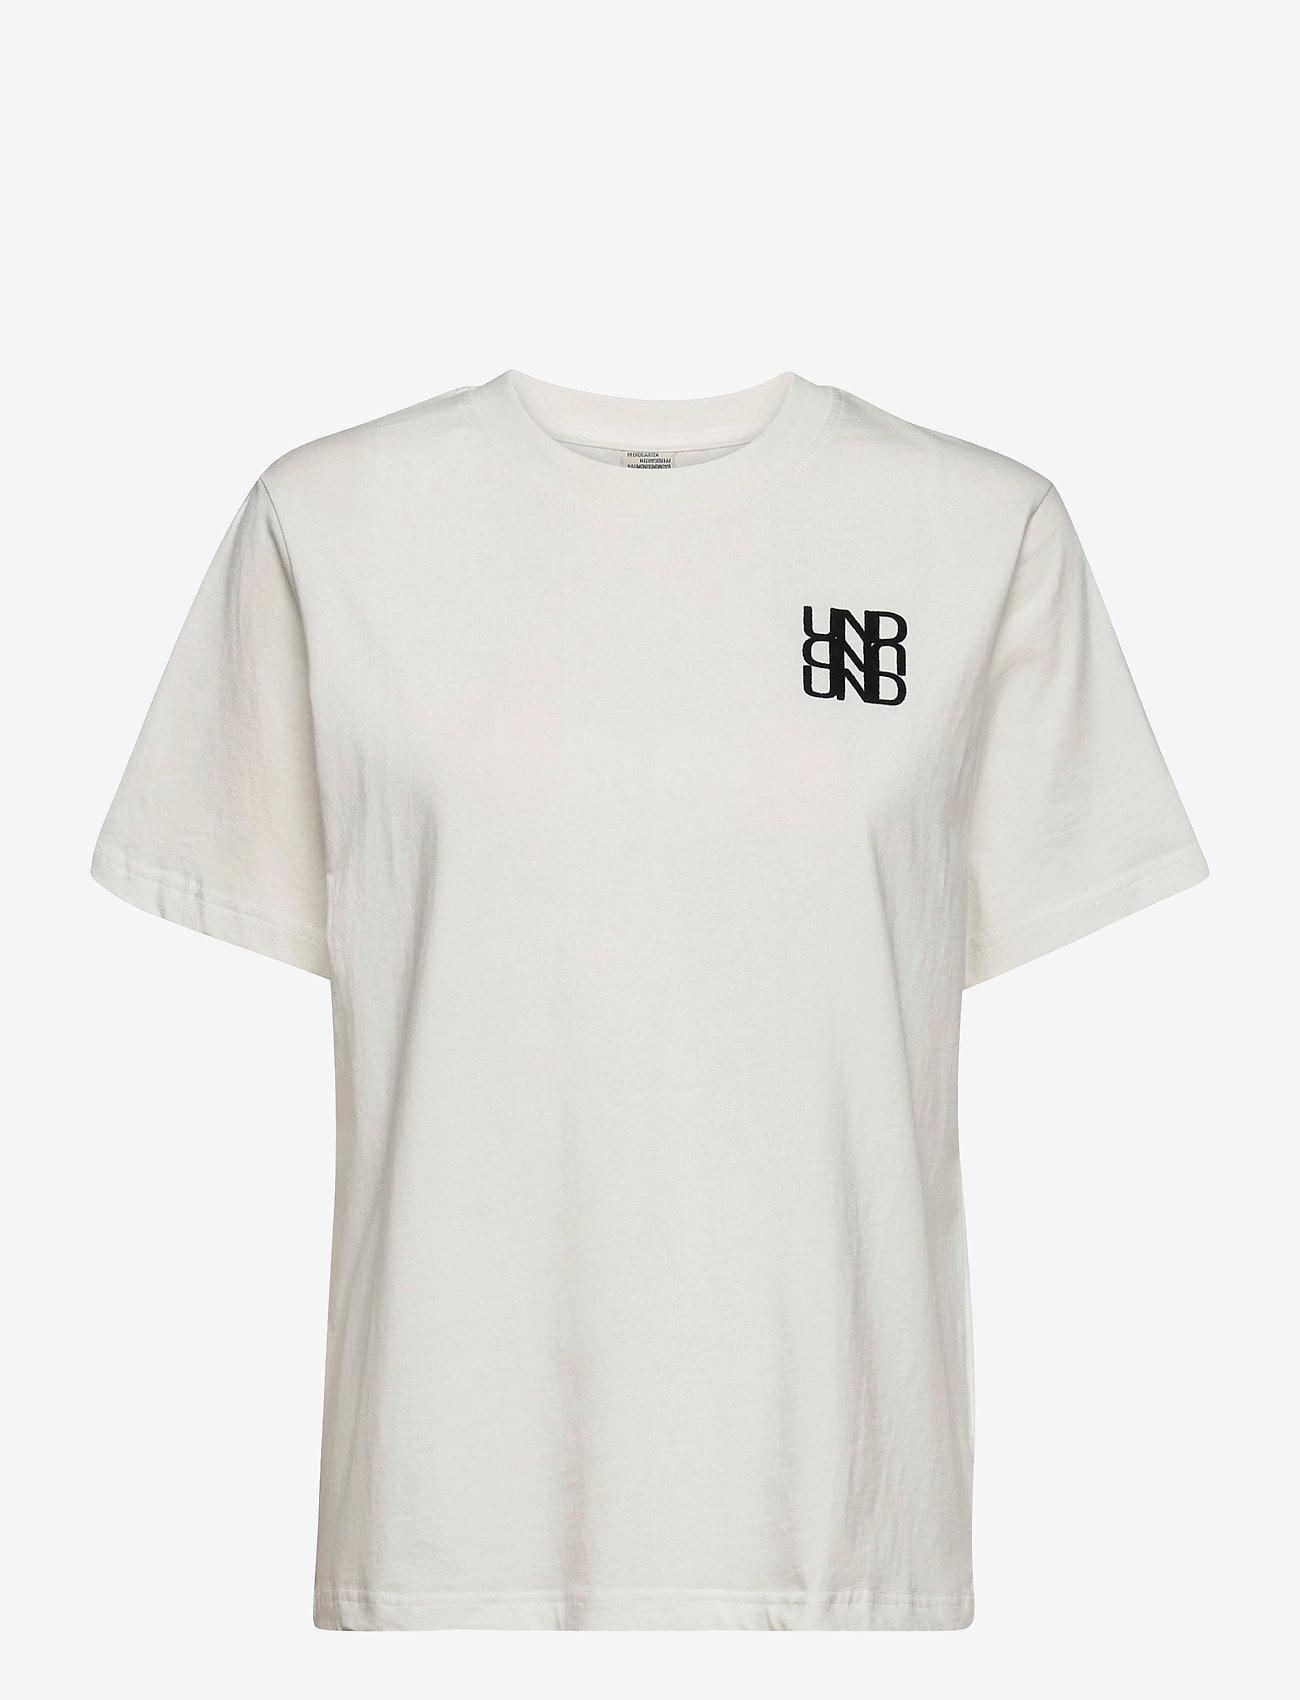 Baum und Pferdgarten - JALO UND - t-shirts - white black und - 0